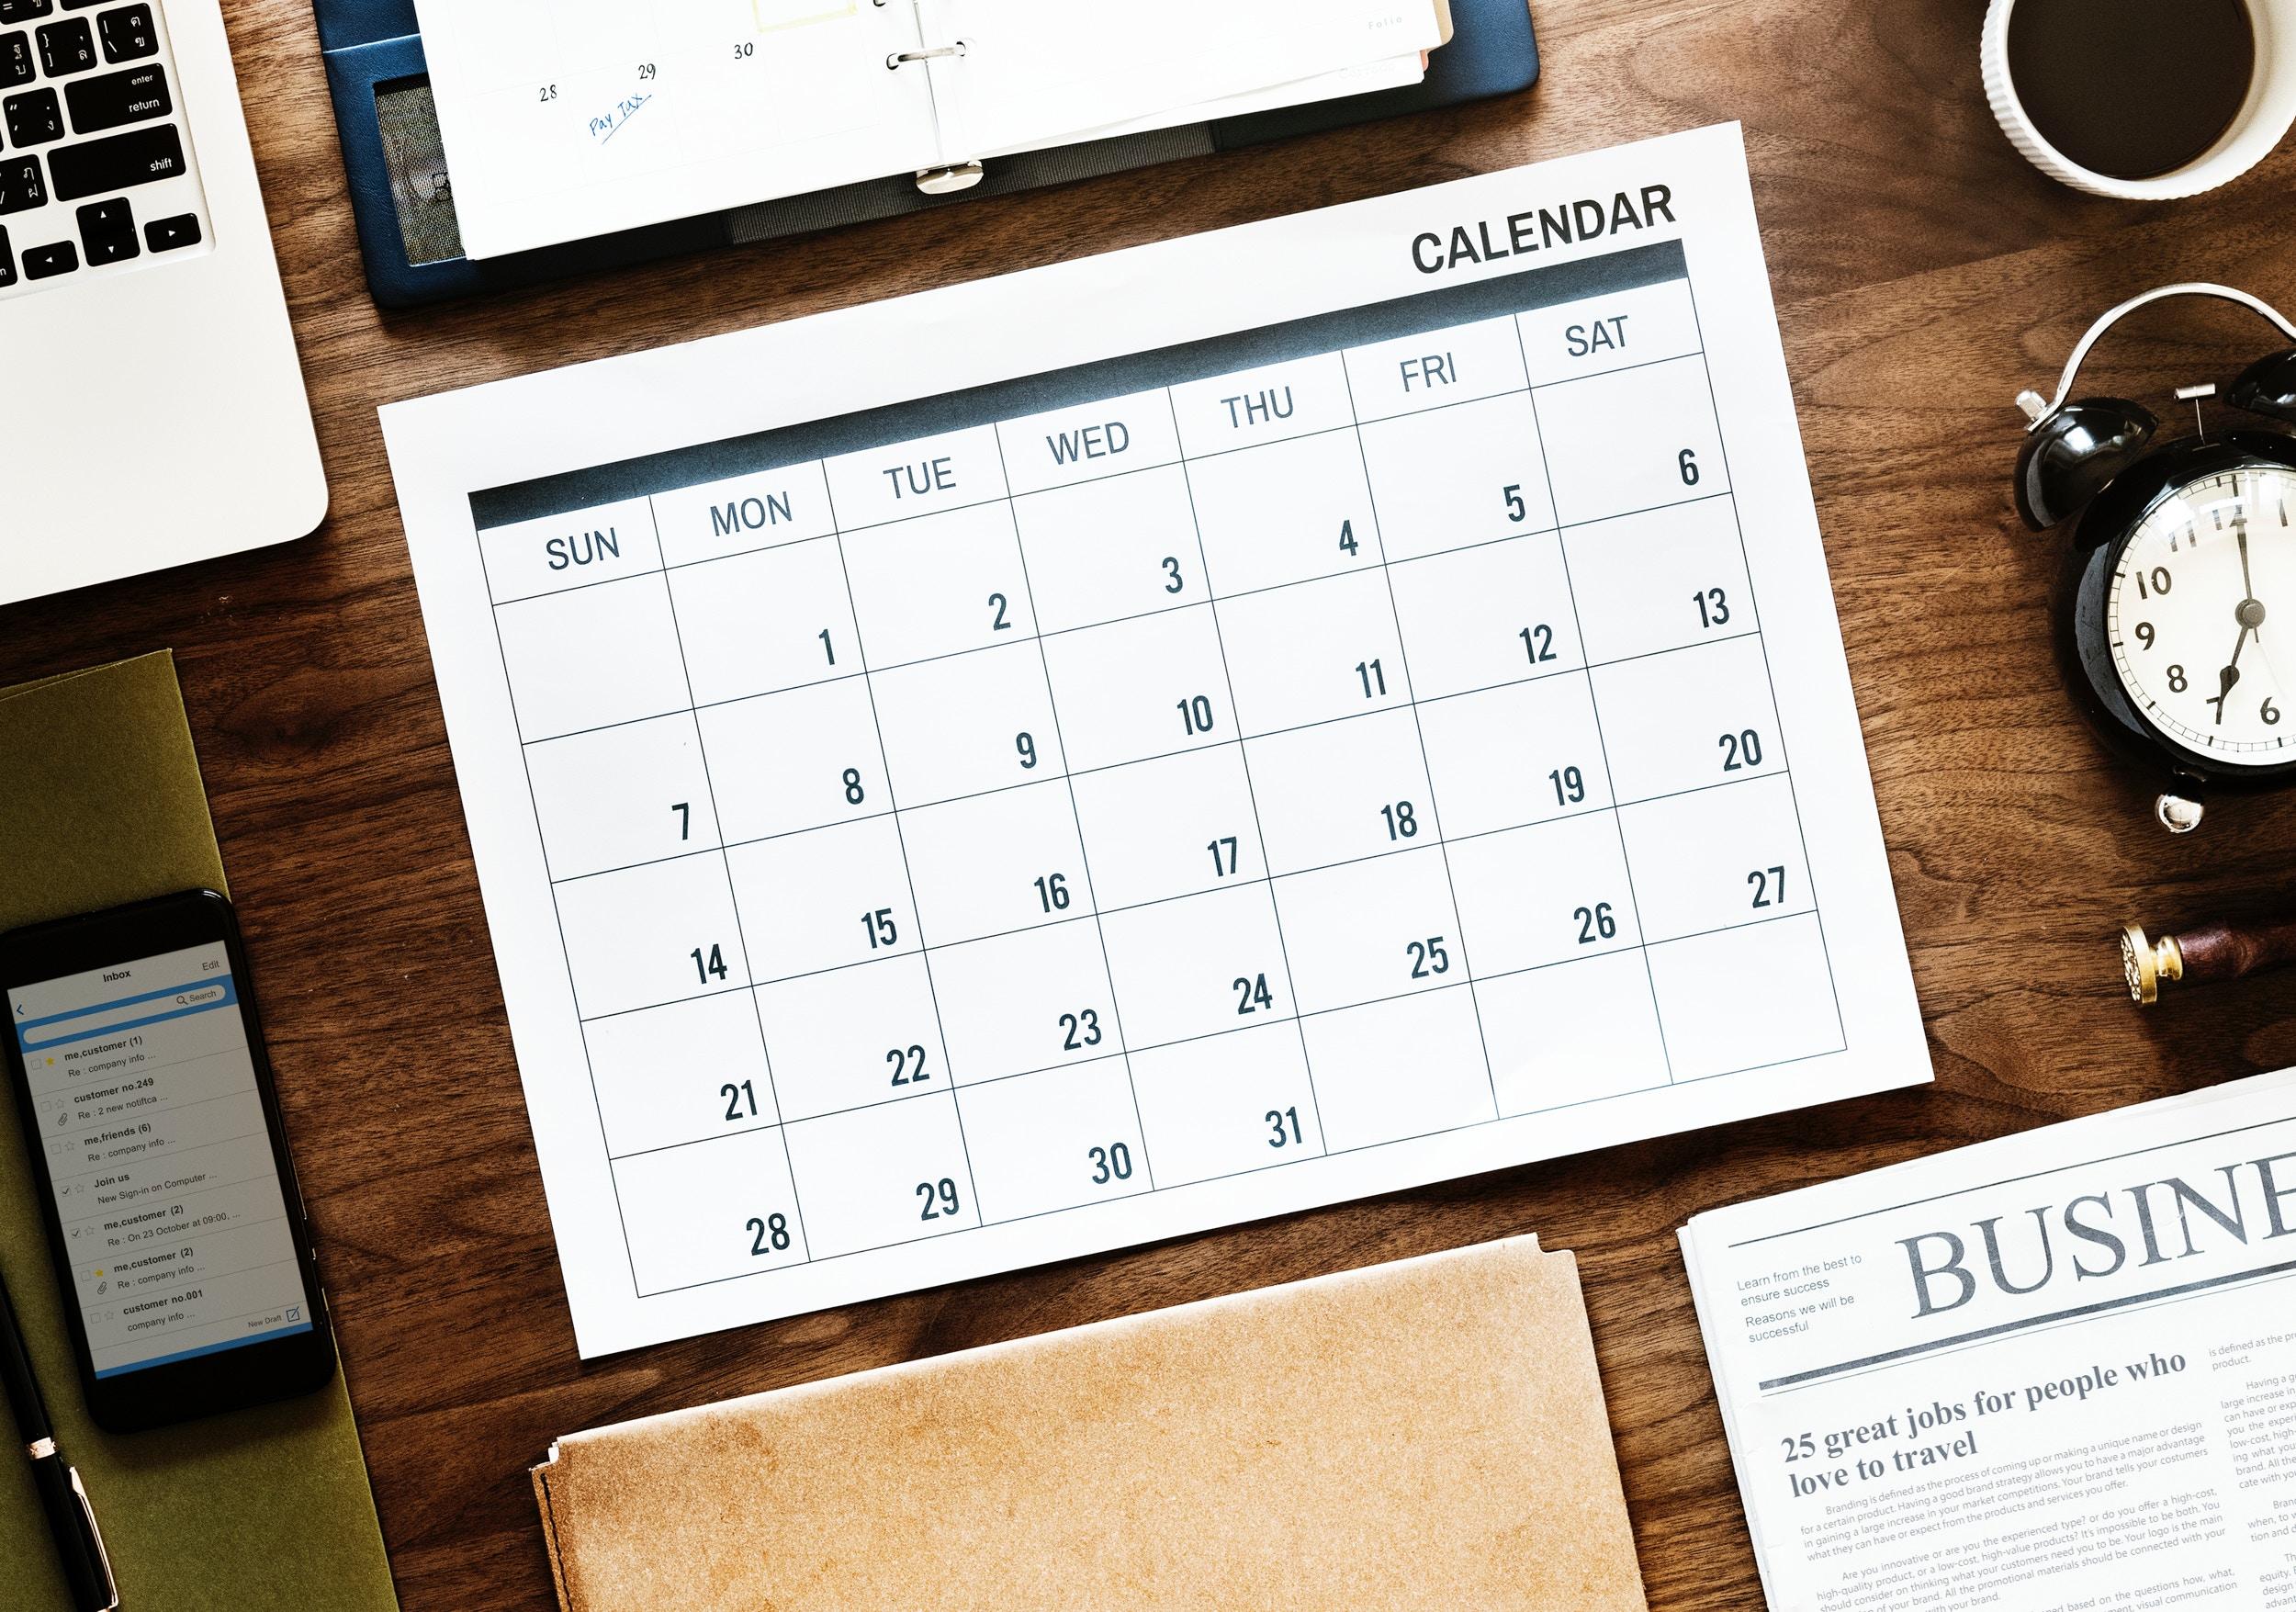 A calendar on a wooden desk.